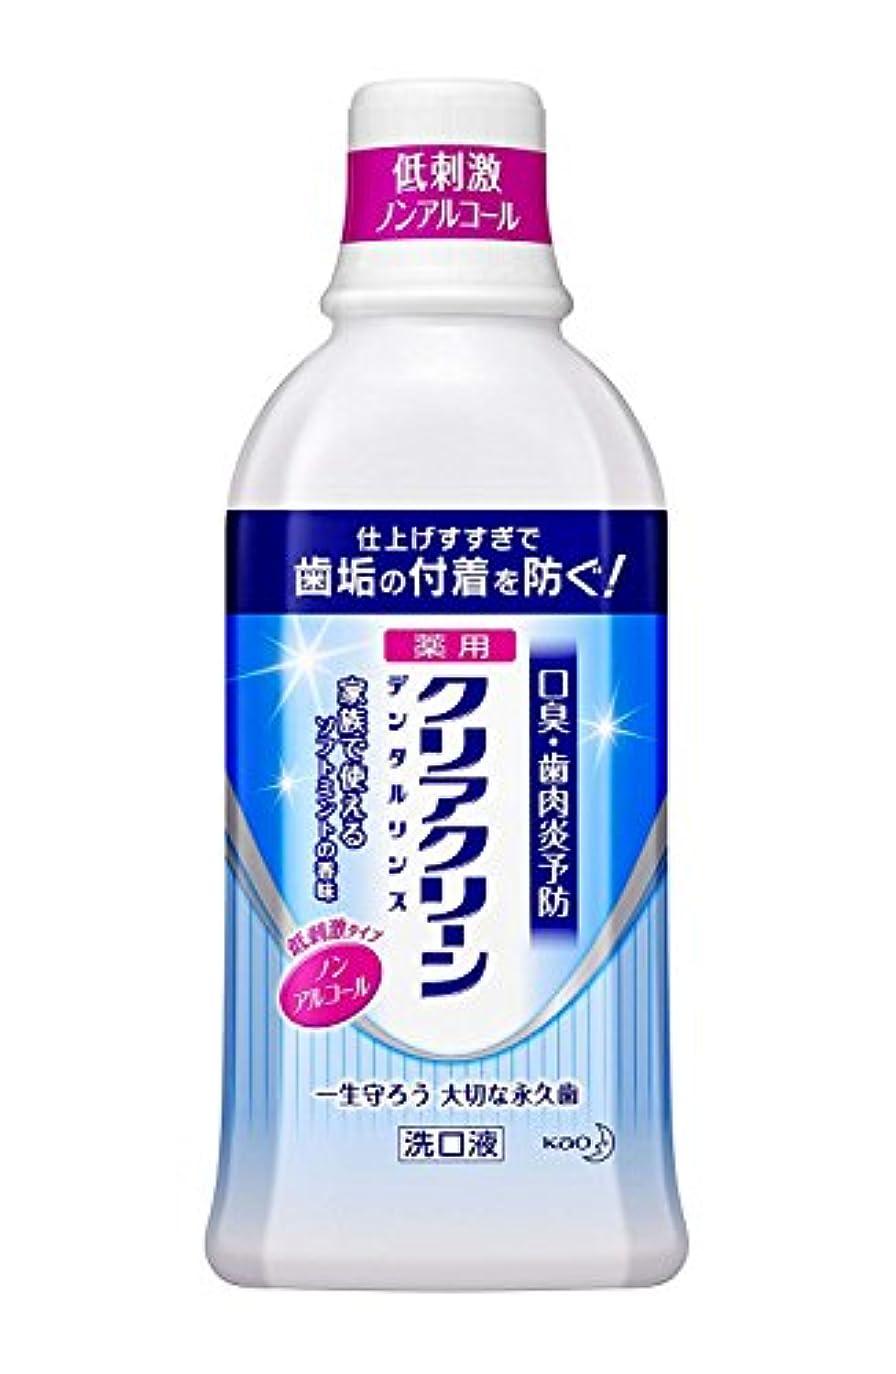 不合格印象的な変成器【花王】クリアクリーン デンタルリンスノンアルコール (600ml) ×5個セット